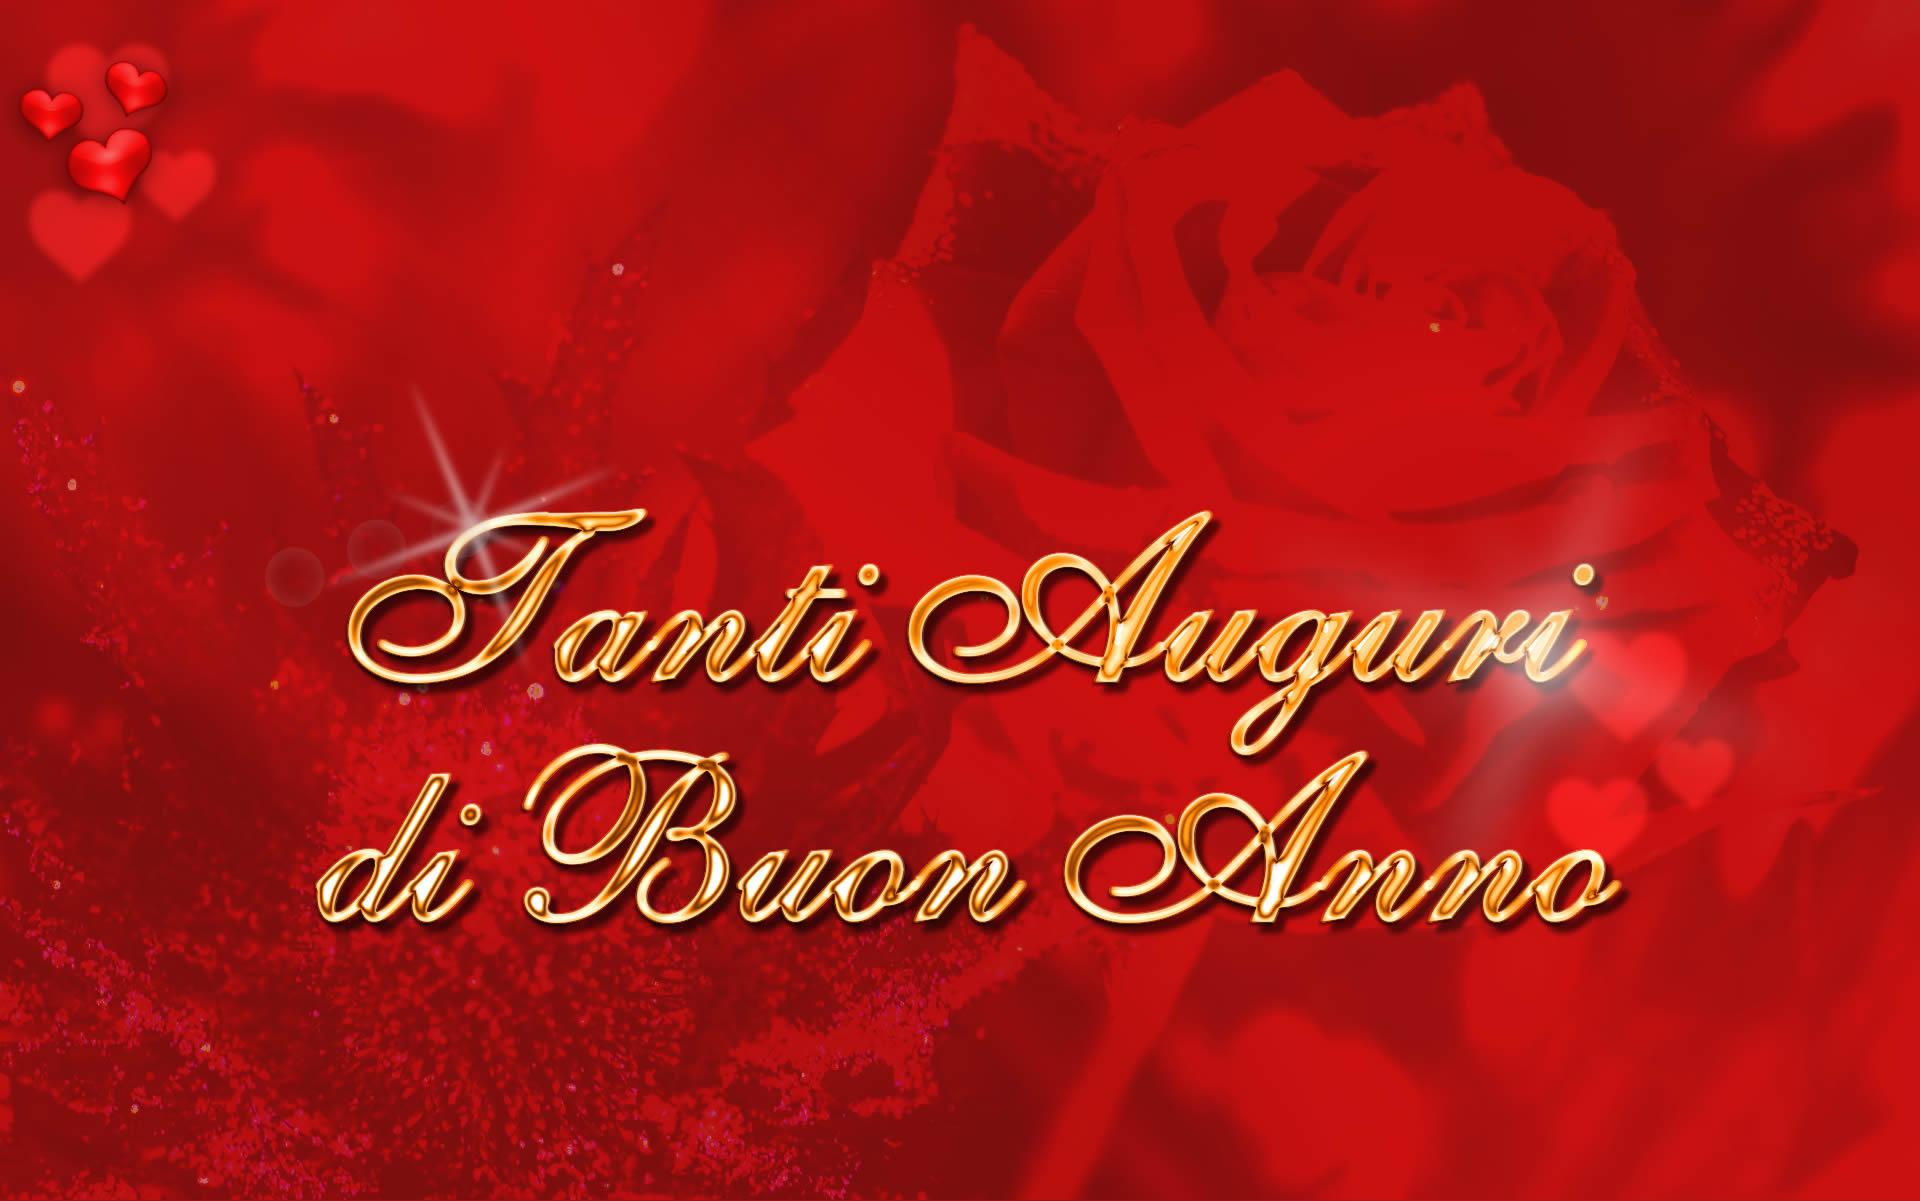 Cartoline Auguri Buon Anno Tanti Auguri di Buon Anno